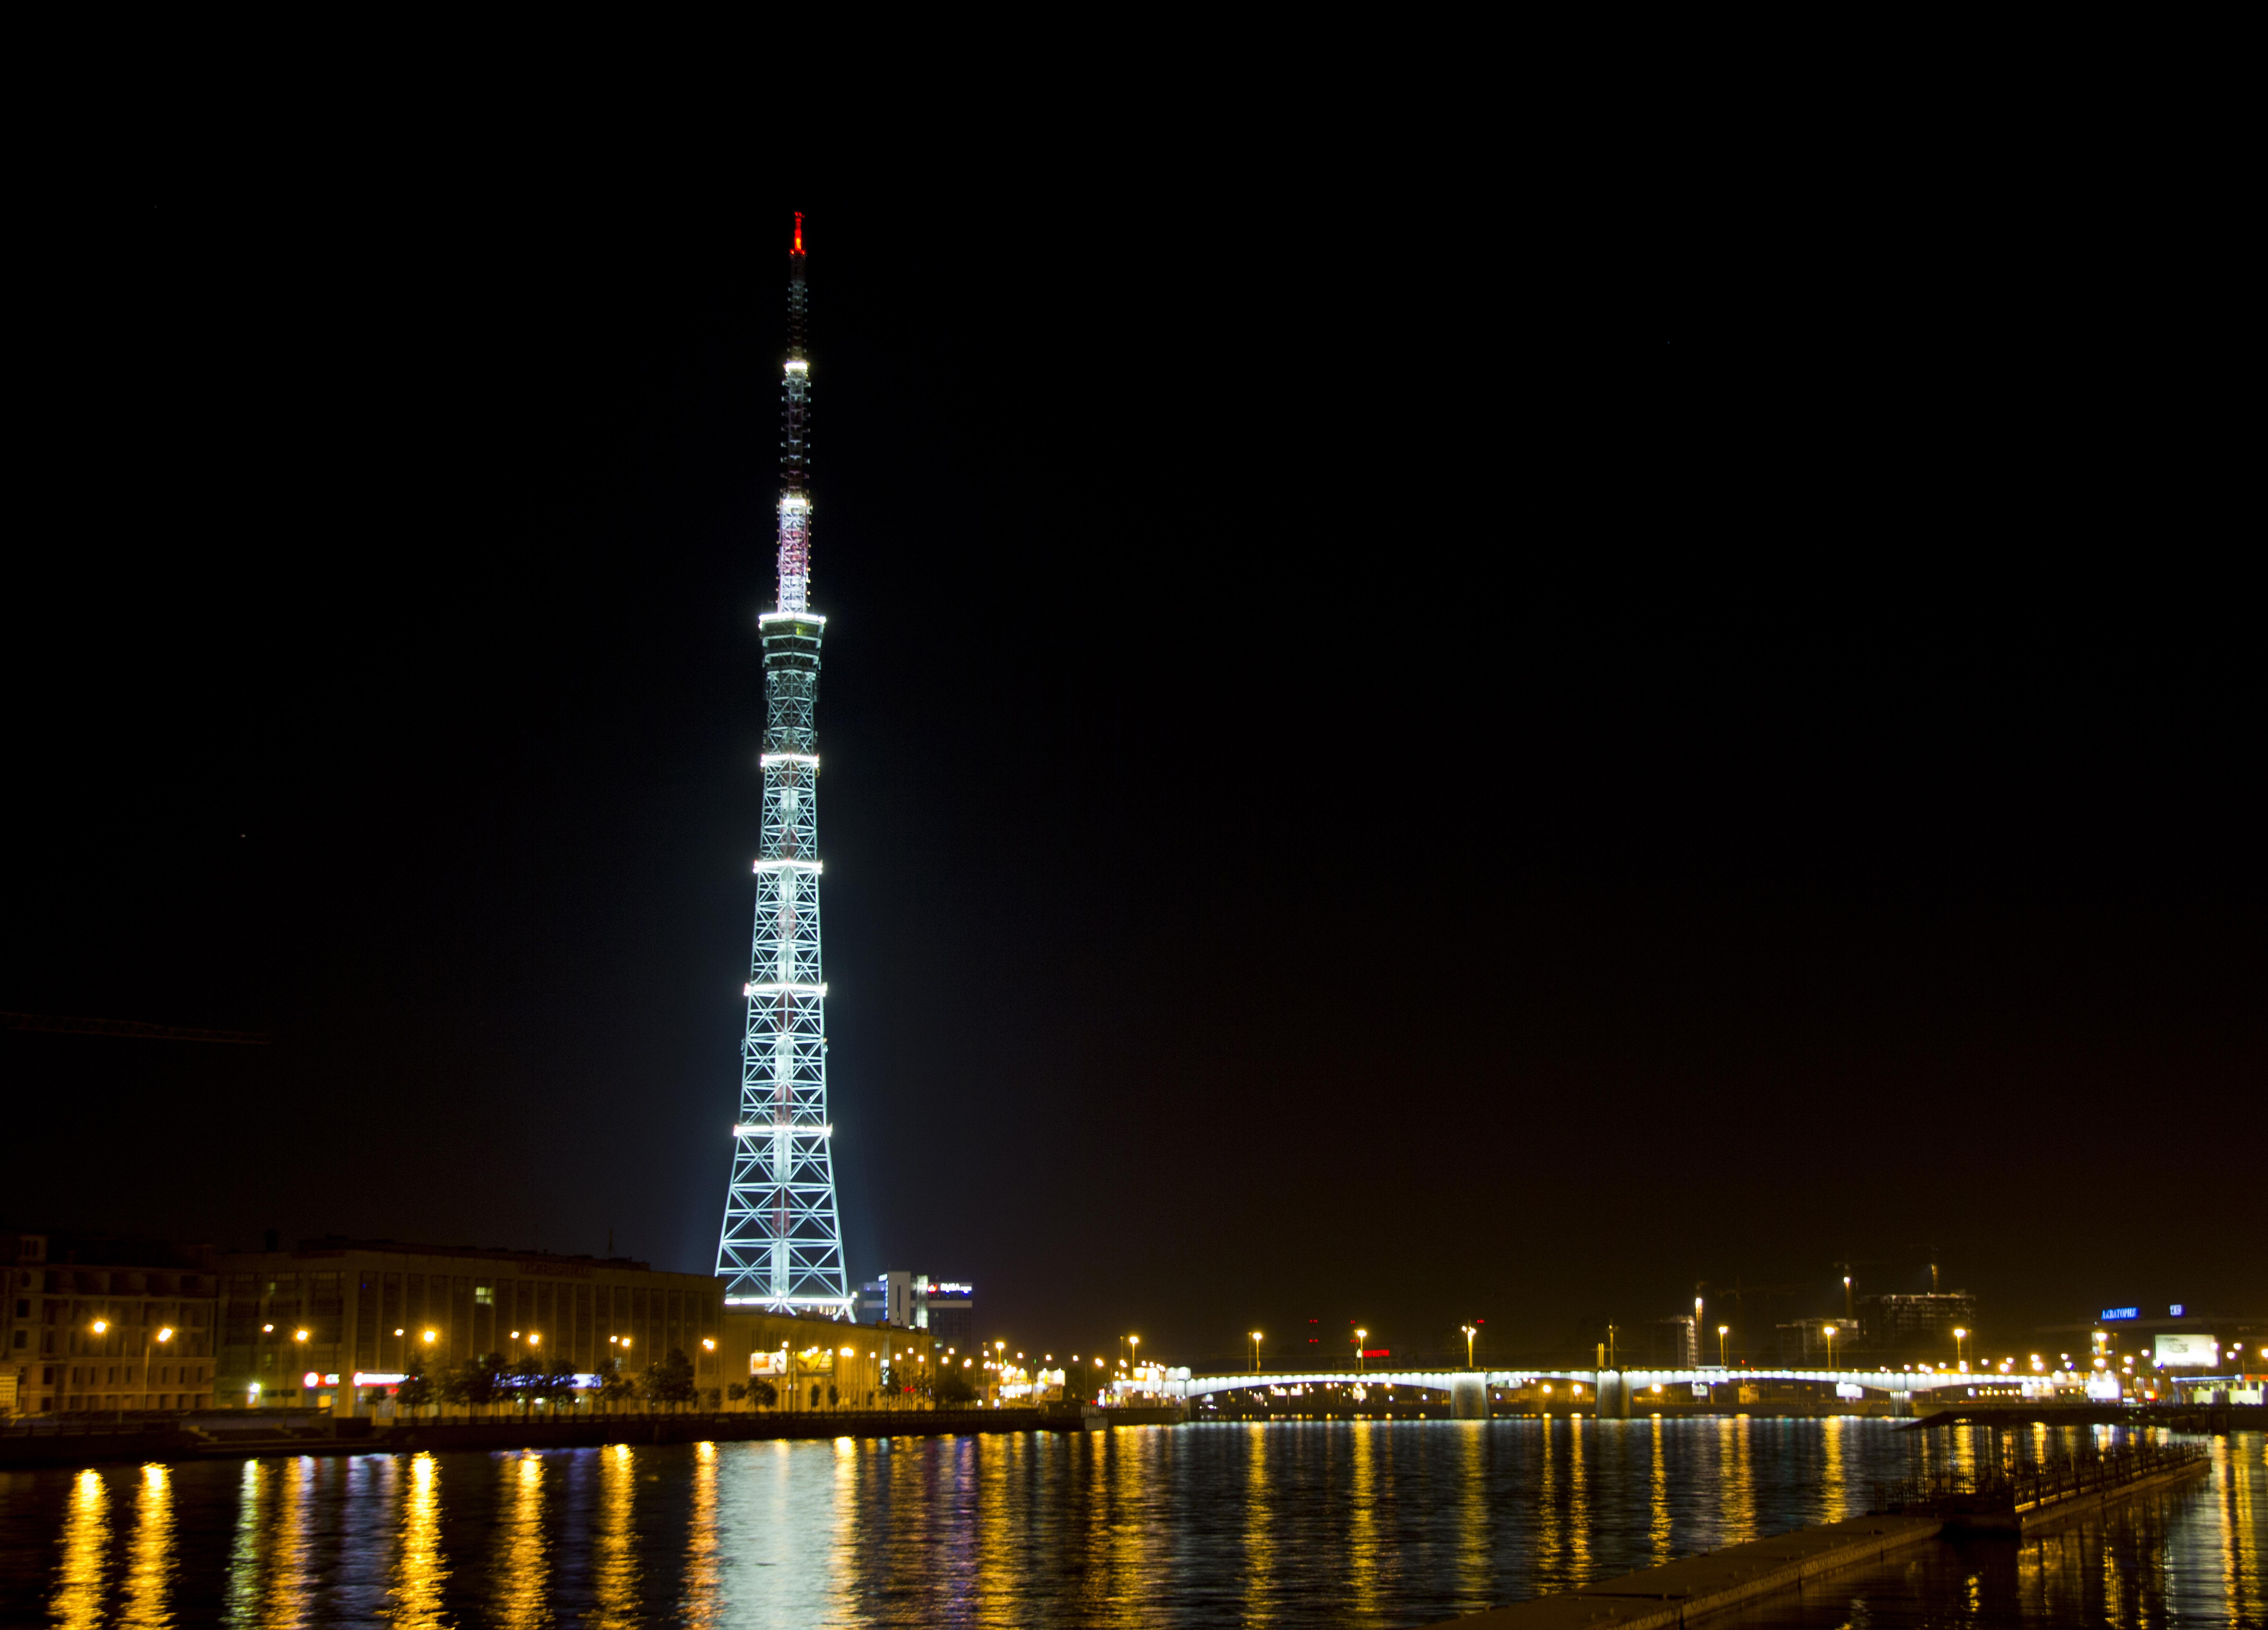 Night tv tower silhouette scene photo